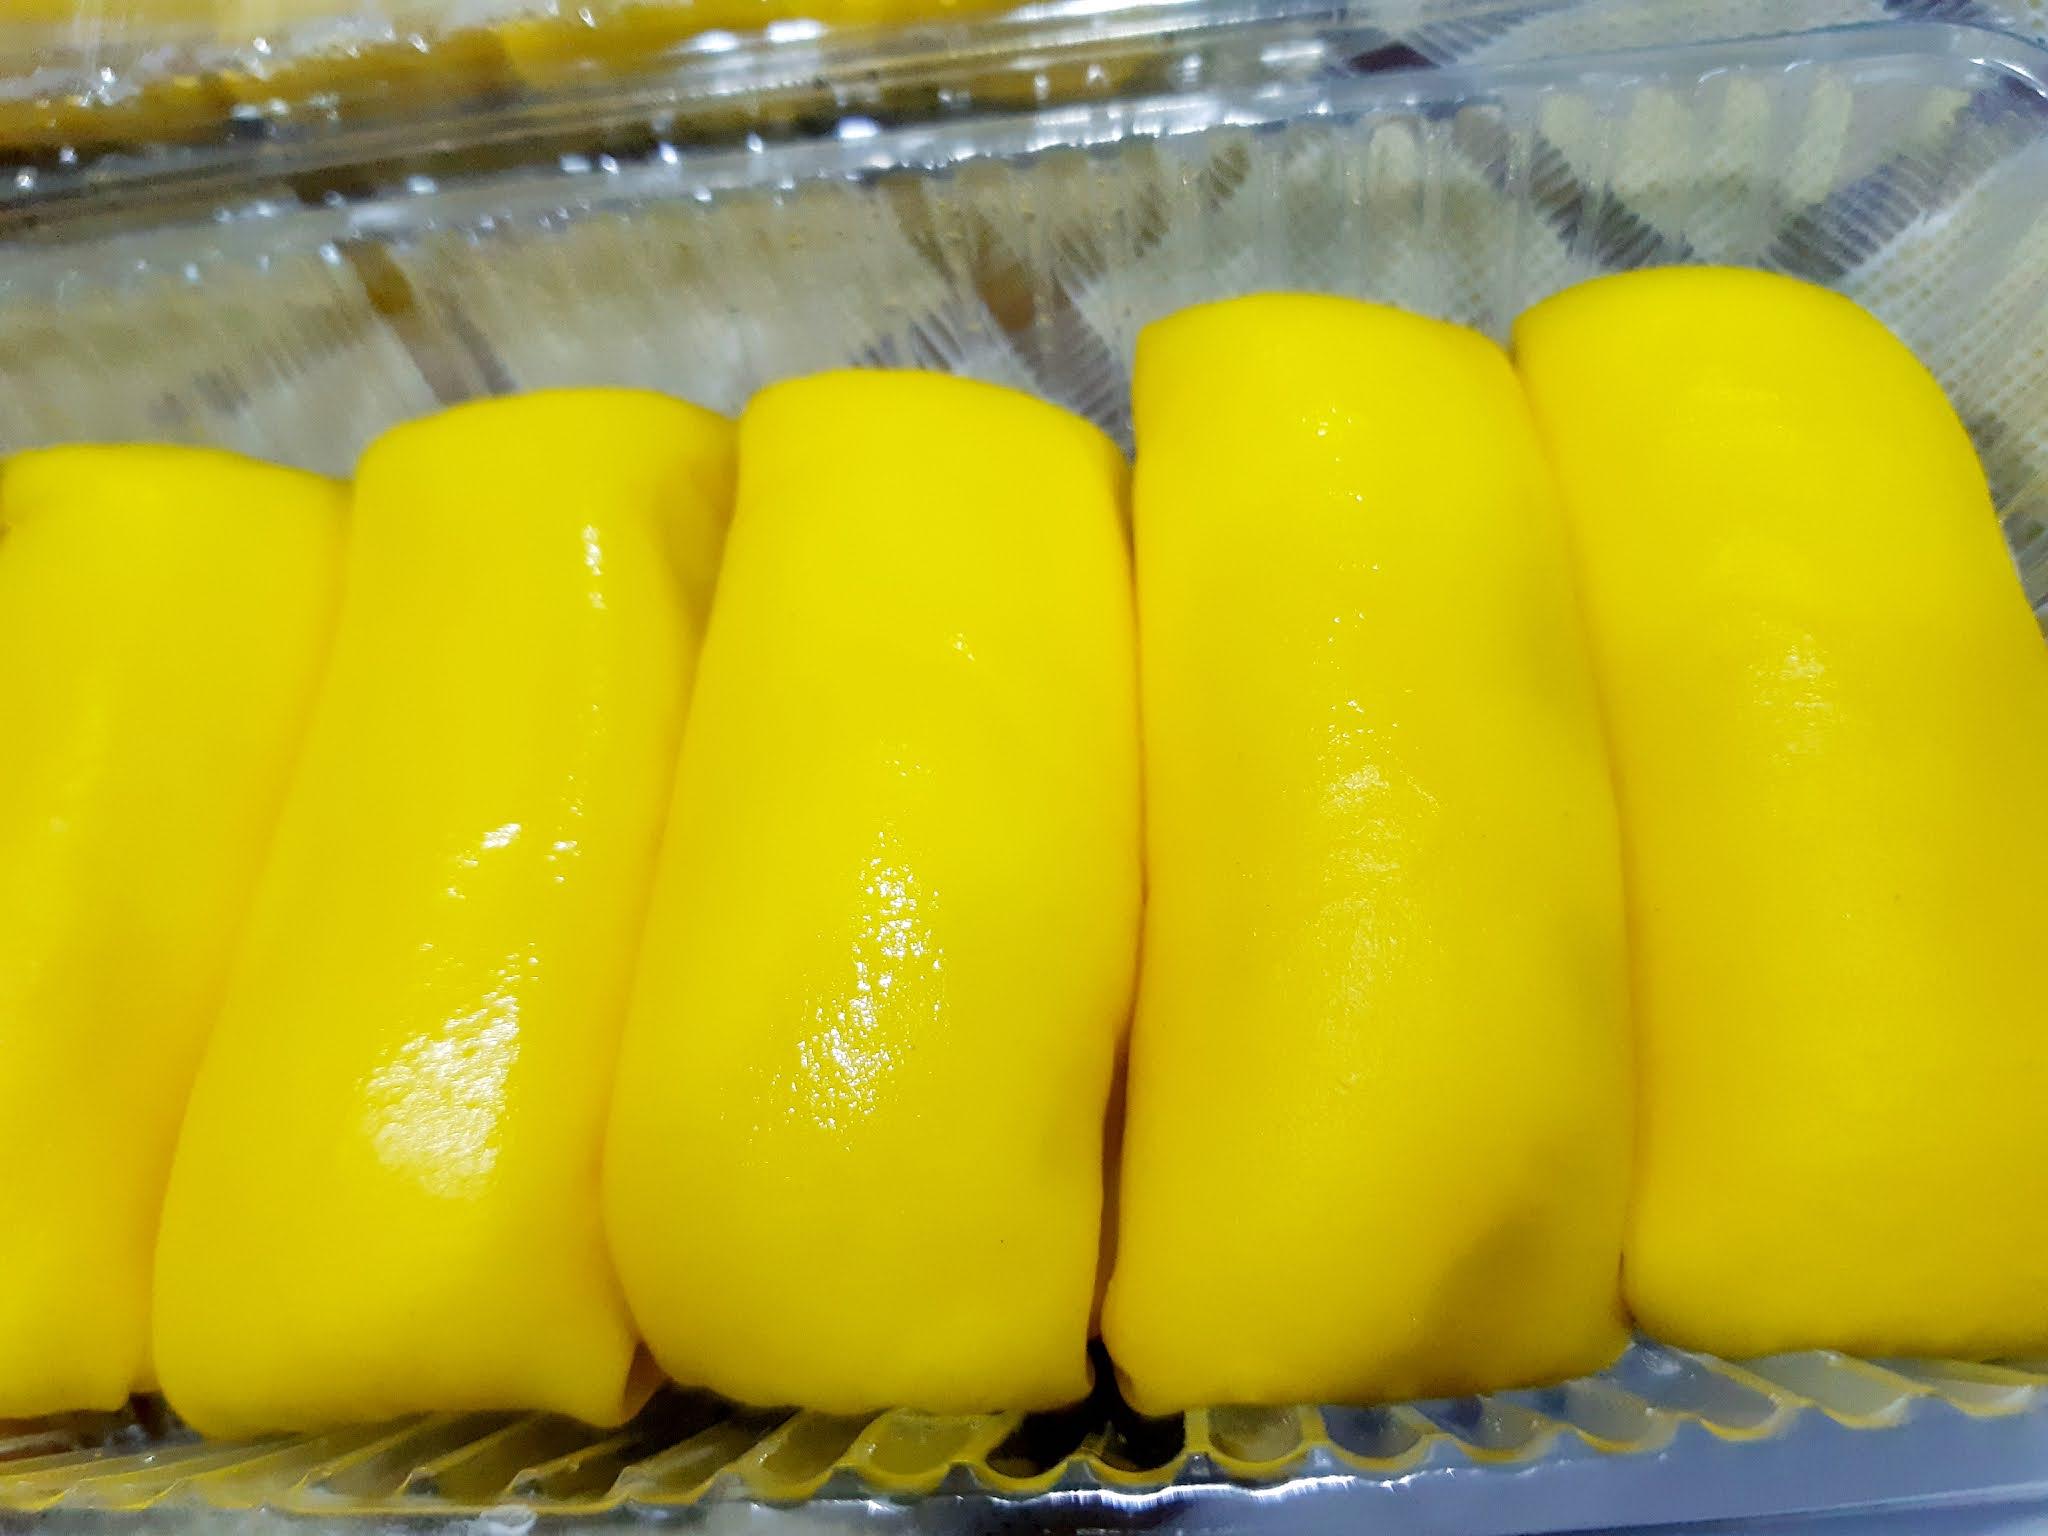 Order Durian Crepe Lagi, Makan Sampai Jemu!